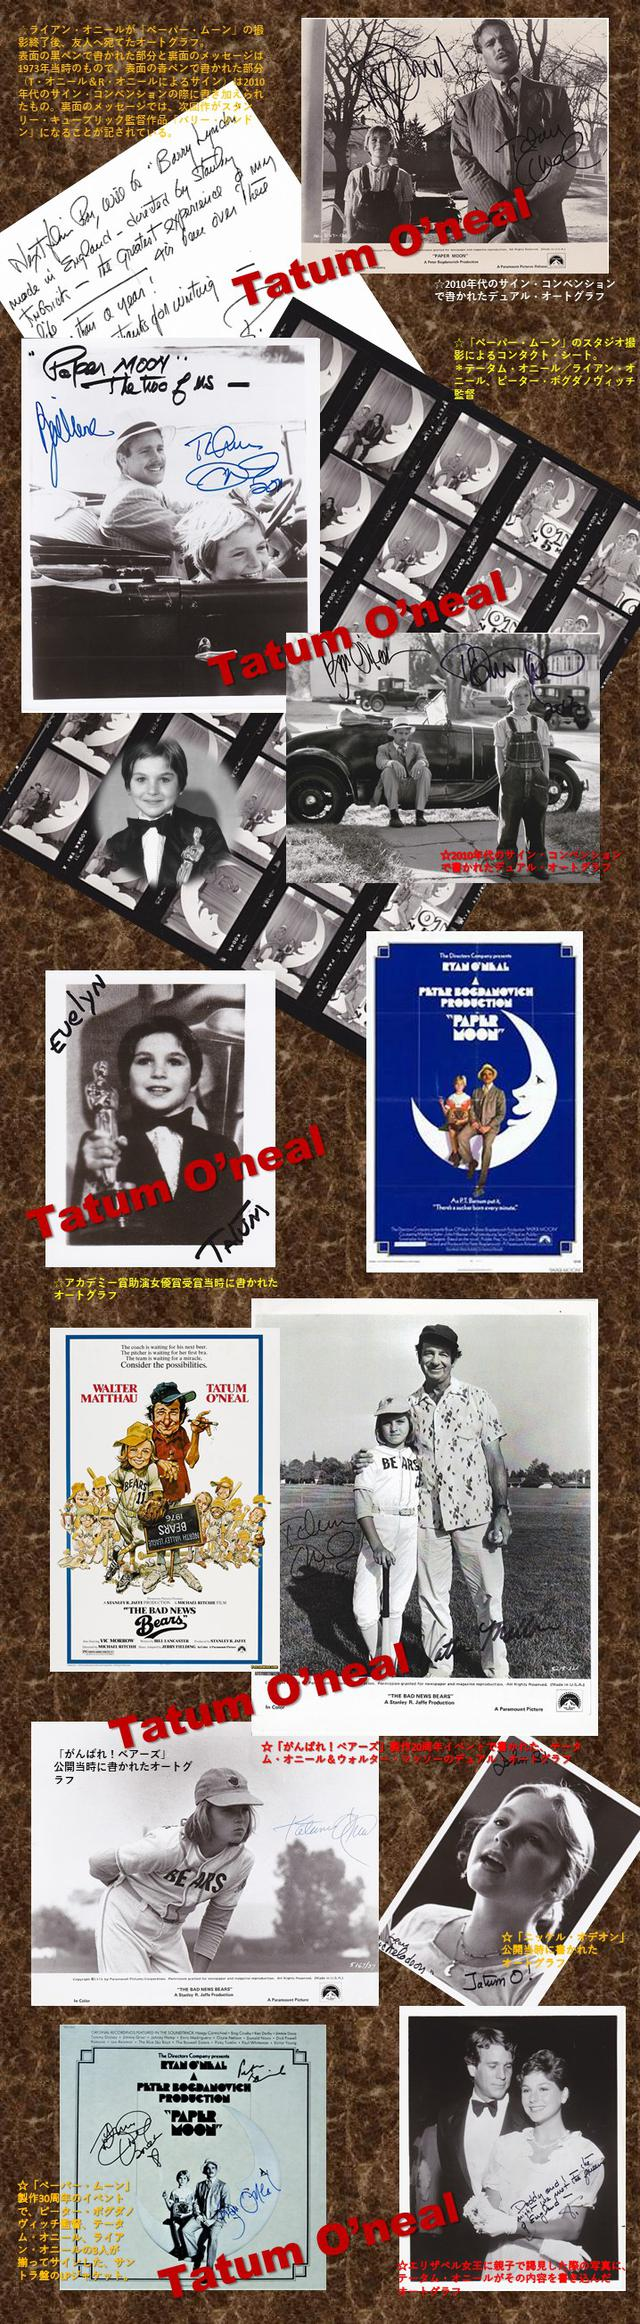 画像: ★「ペーパー・ムーン」「がんばれ!ベアーズ」の熱演で一世を風靡した、テータム・オニール/メモリアル・コレクション(1970年代~2010年代)